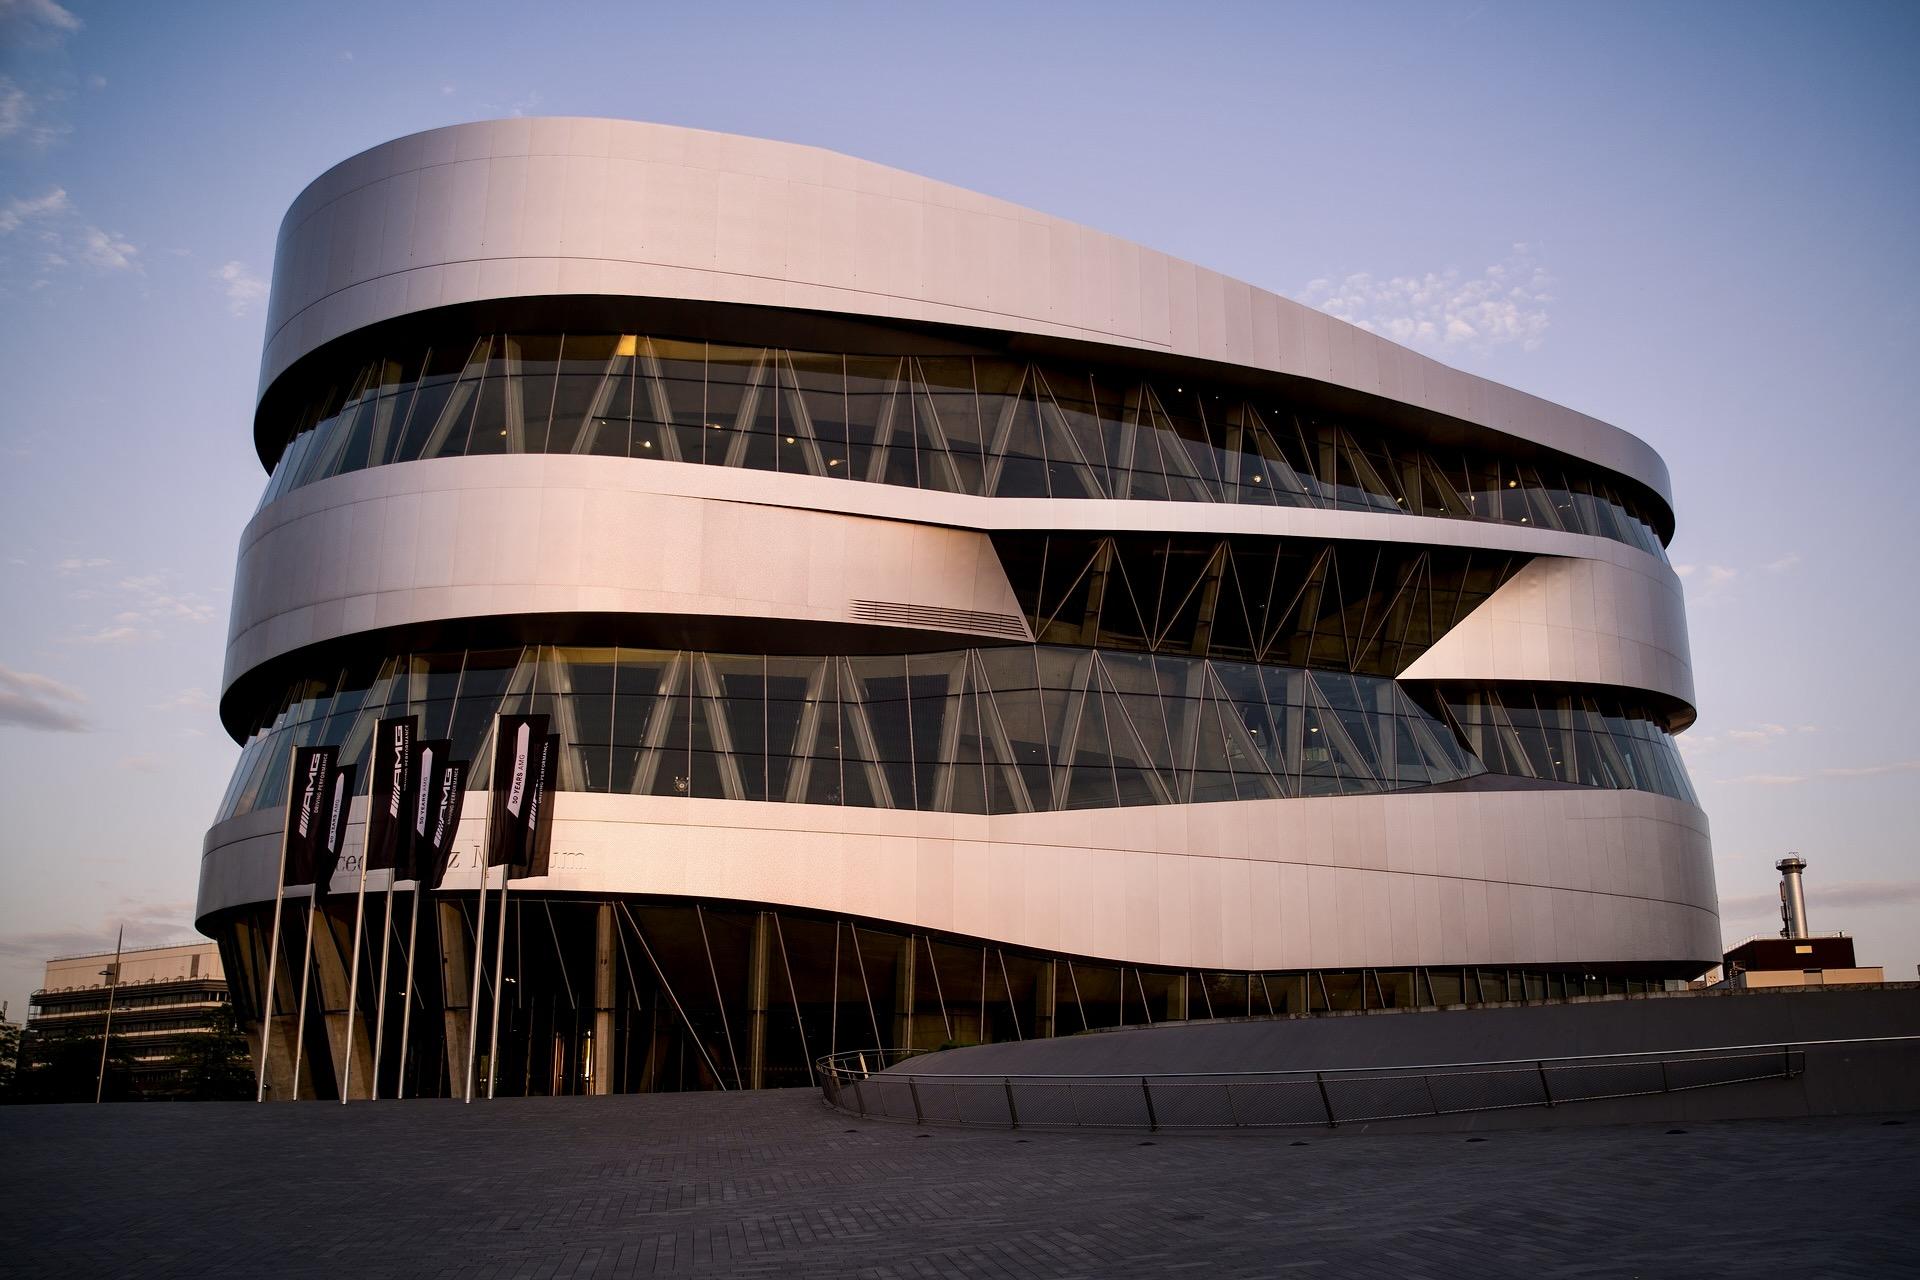 Eine der schönen Sehenswürdigkeiten in Baden-Württemberg ist das Mercedes-Benz Museum in Stuttgart